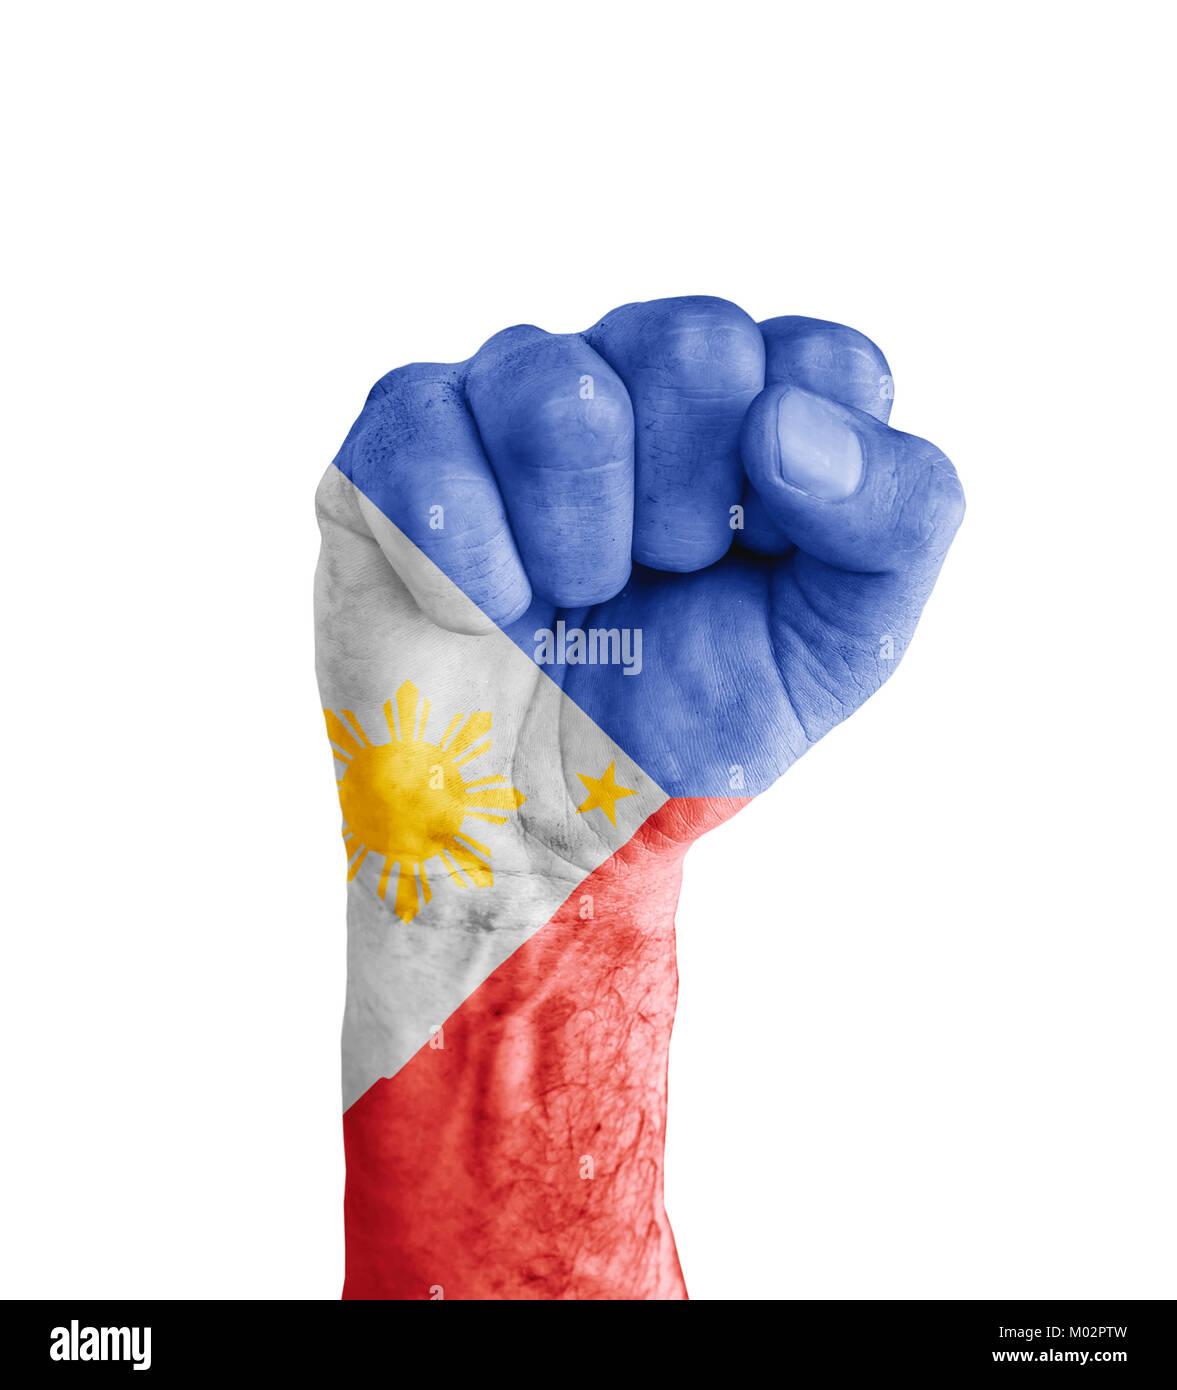 Flag of philippines painted on human fist like victory symbol flag of philippines painted on human fist like victory symbol buycottarizona Images